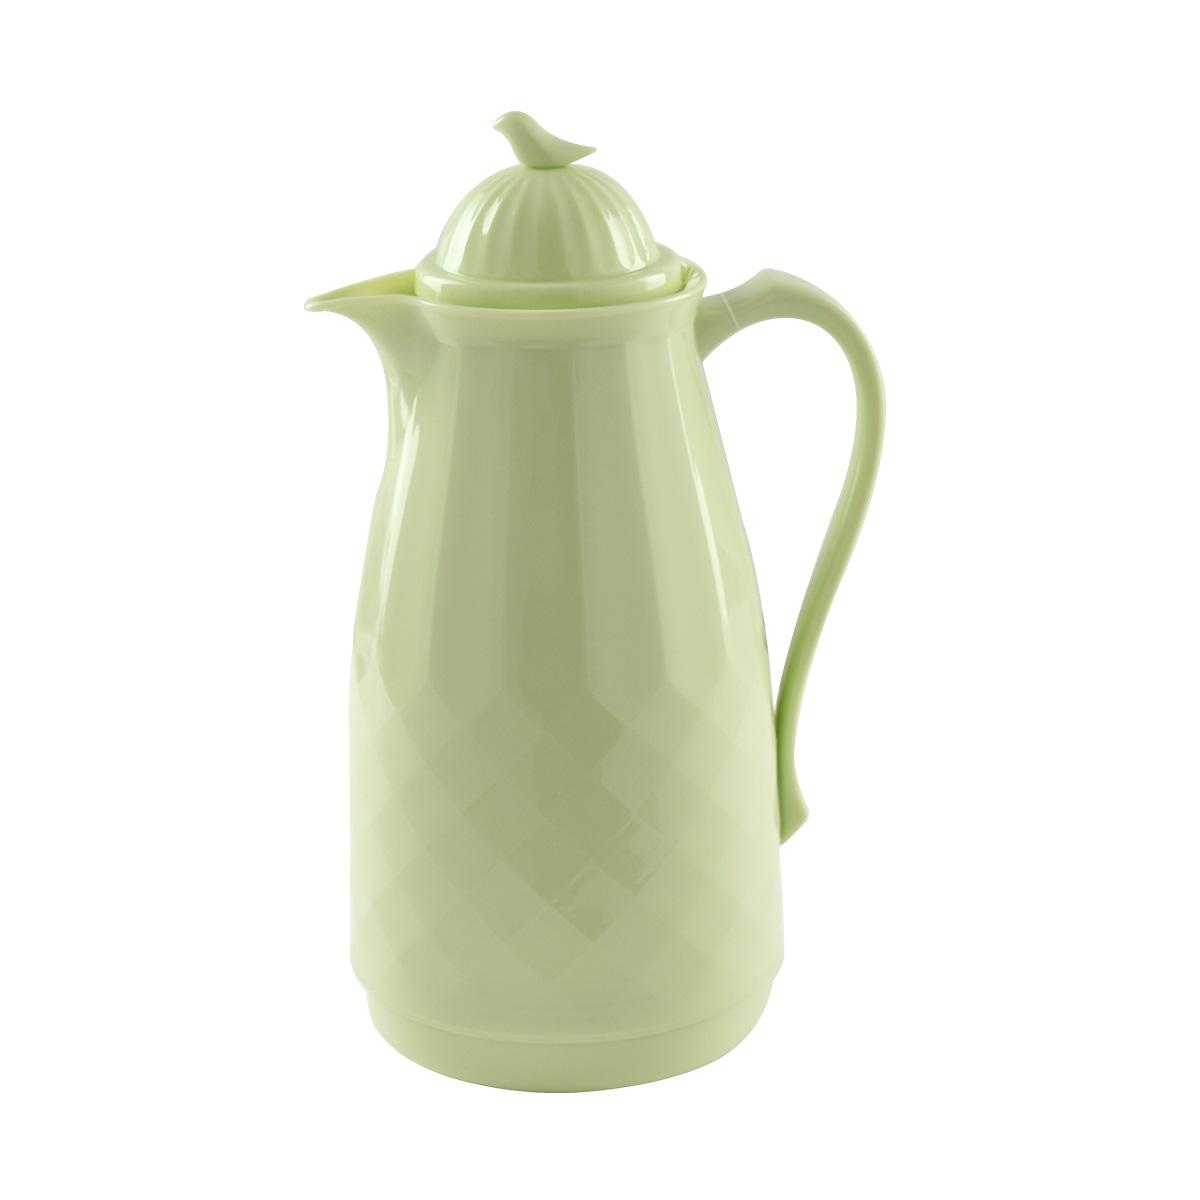 ترمس شاي وقهوة العصفور - 1 لتر - لون اخضر فاتح -  موديل 0400178